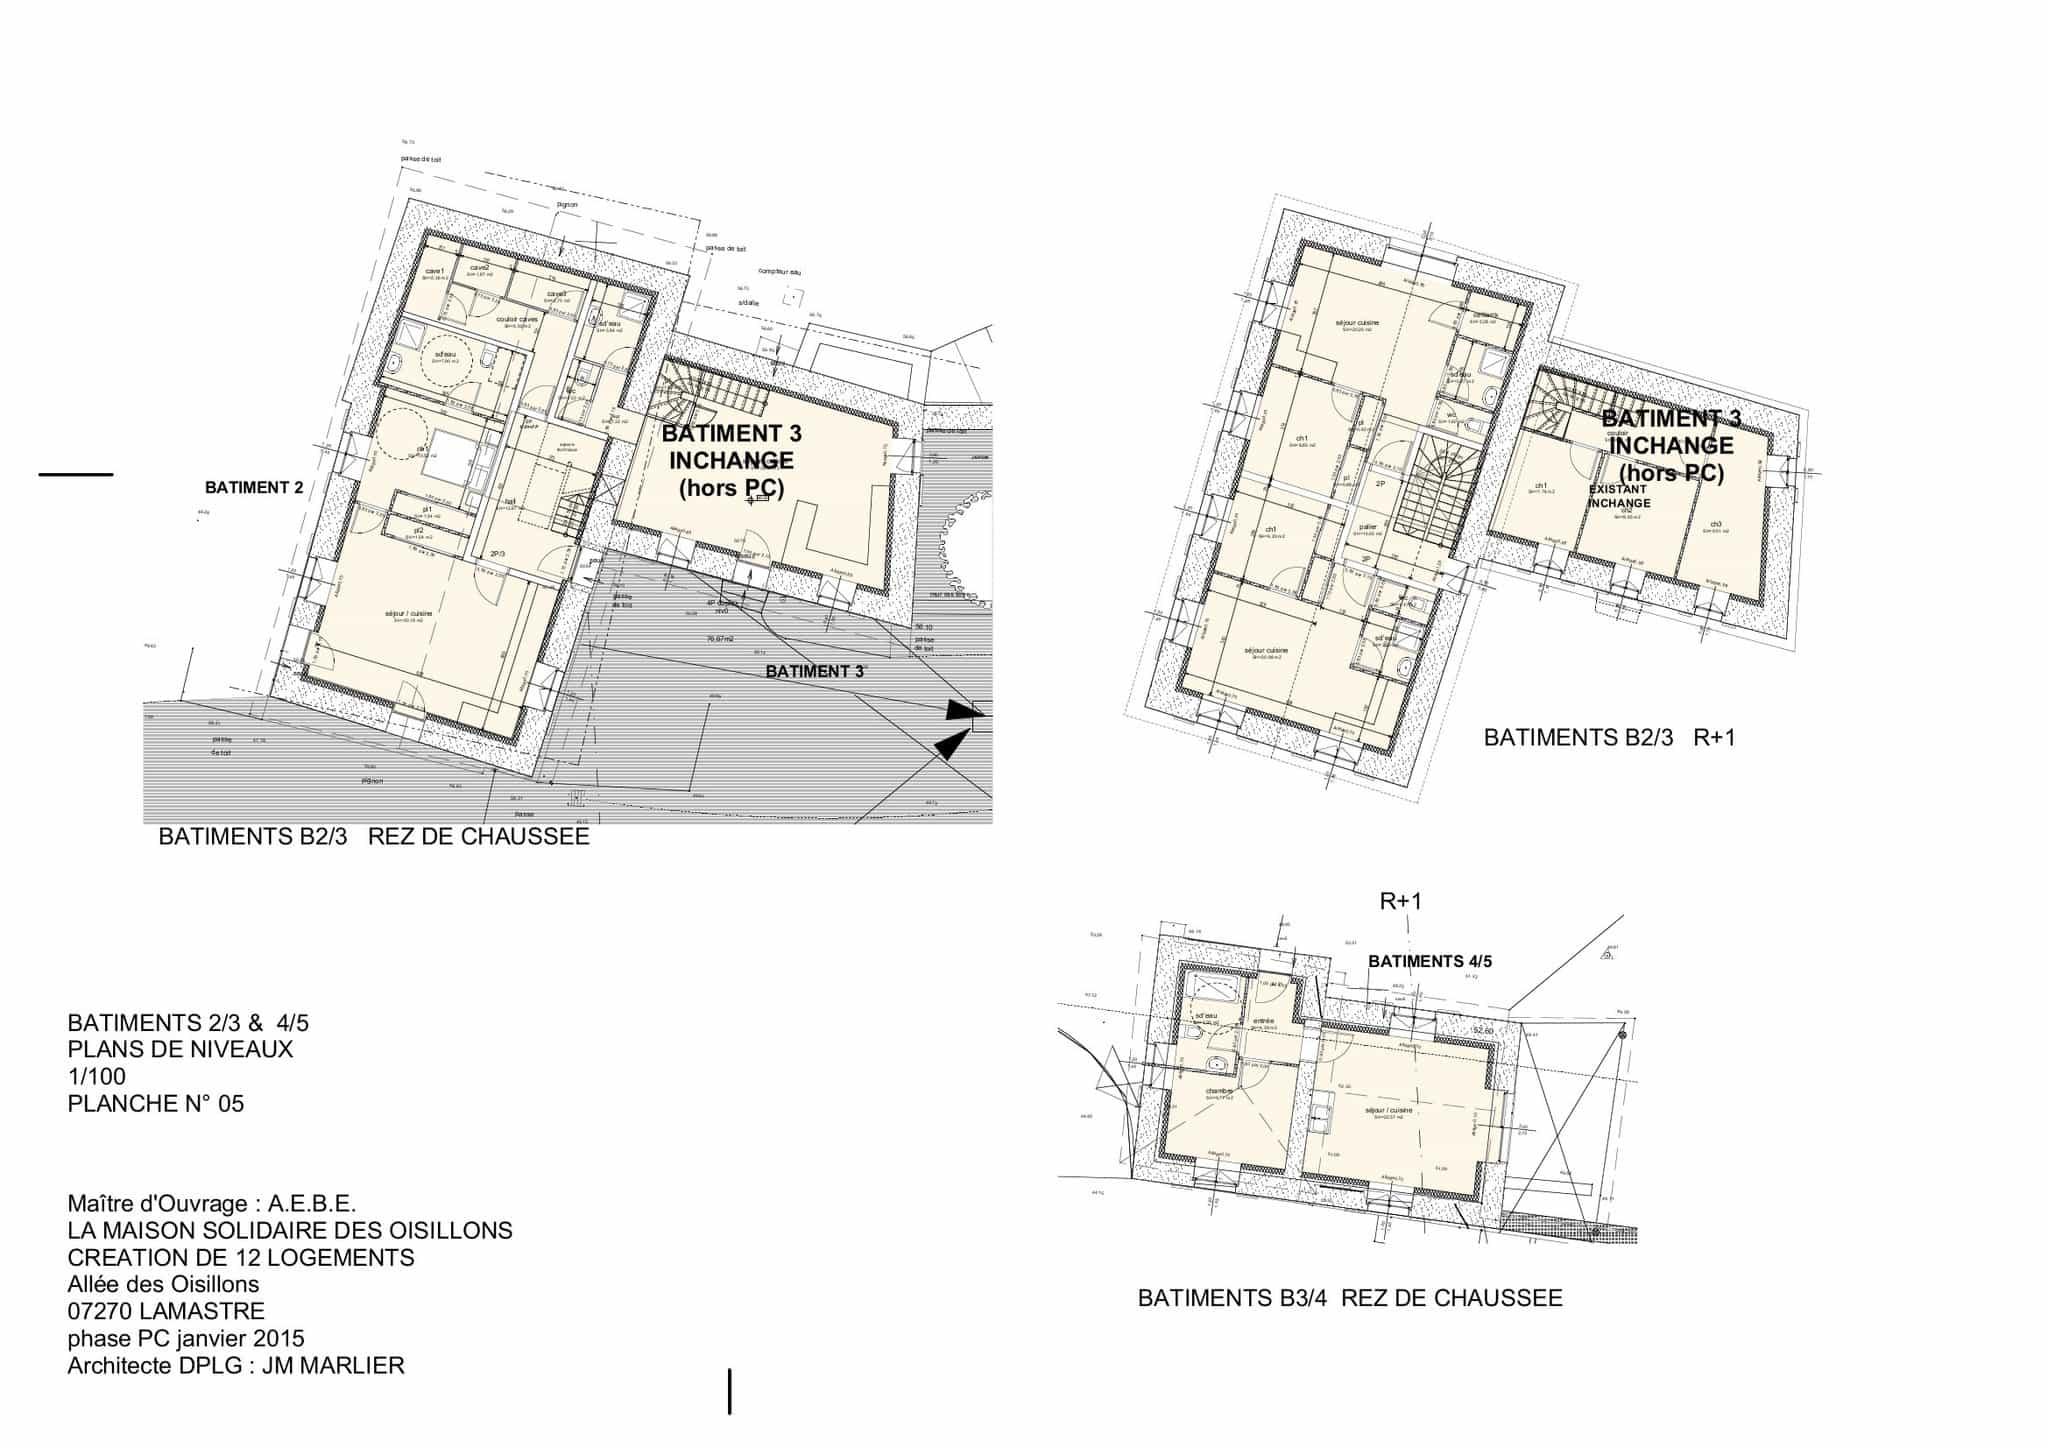 Bâtiments 2-3